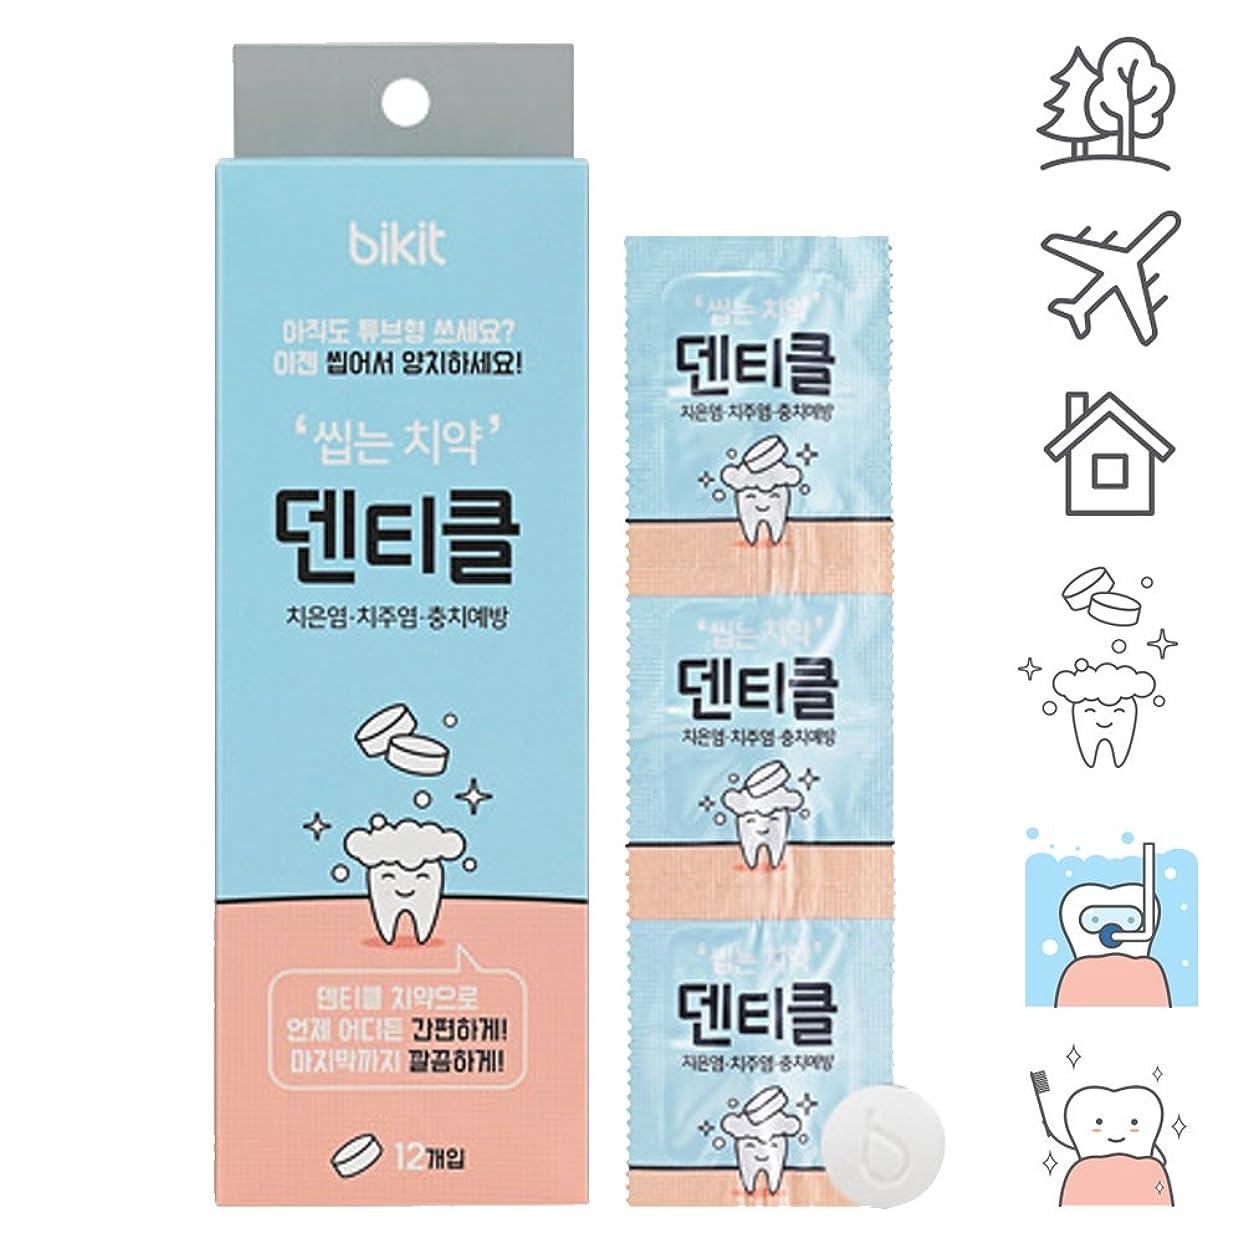 アクションエリートオンスBikit [Denticle] Solid toothpaste toothpaste tablets Chewing toothpaste 1BOX(60 PACK X1)